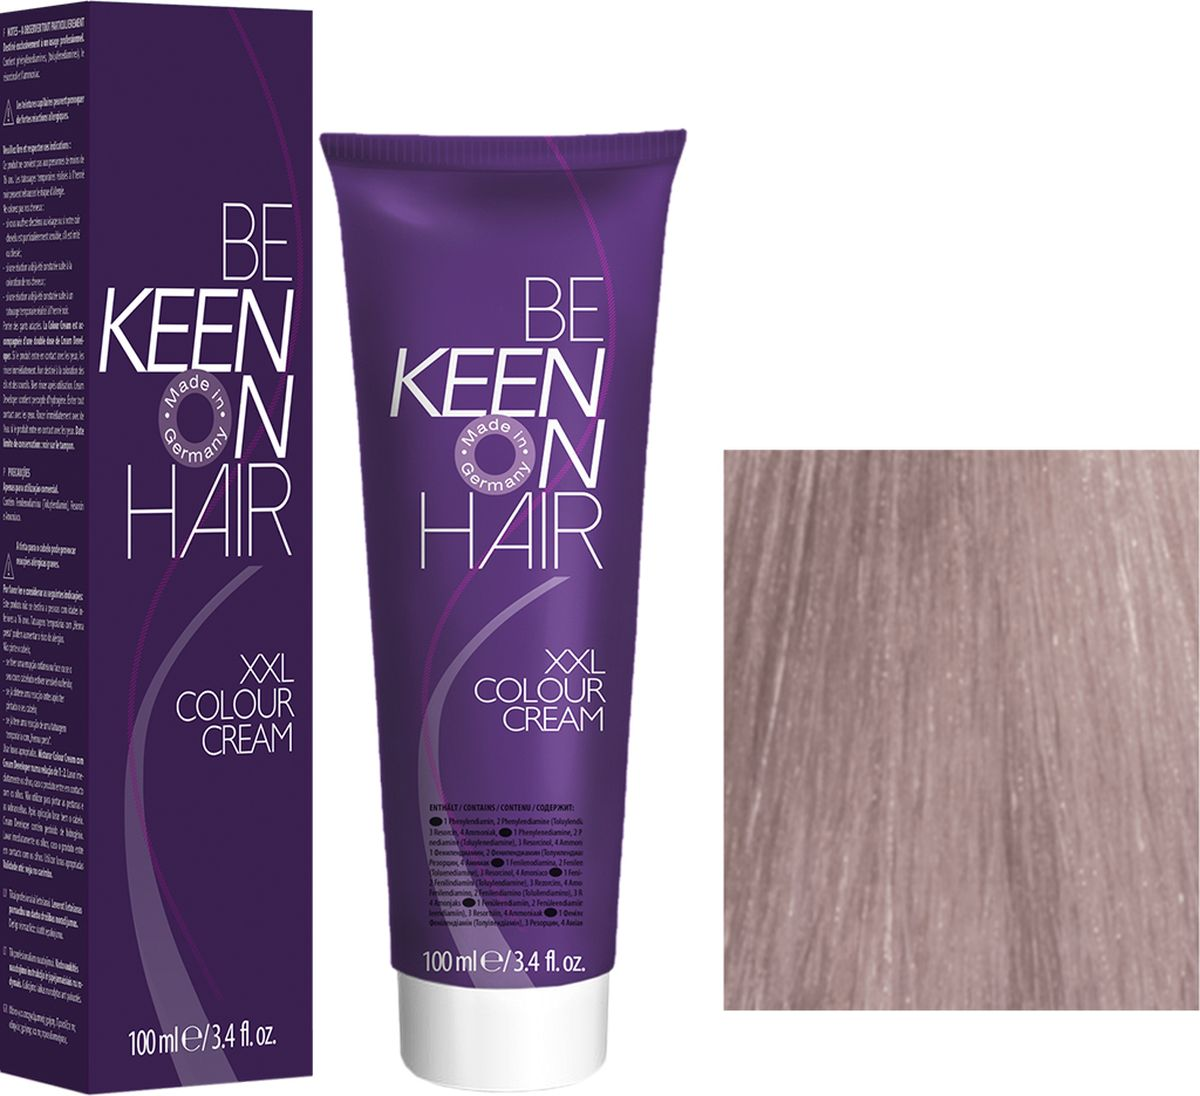 Keen Краска для волос 9.8 Светлый жемчужный блондин Hellblond Perl, 100 мл69100095Модные оттенкиБолее 100 оттенков для креативной комбинации цветов.ЭкономичностьПри использовании тюбика 100 мл вы получаете оптимальное соотношение цены и качества!УходМолочный белок поддерживает структуру волоса во время окрашивания и придает волосам блеск и шелковистость. Протеины хорошо встраиваются в волосы и снабжают их влагой.